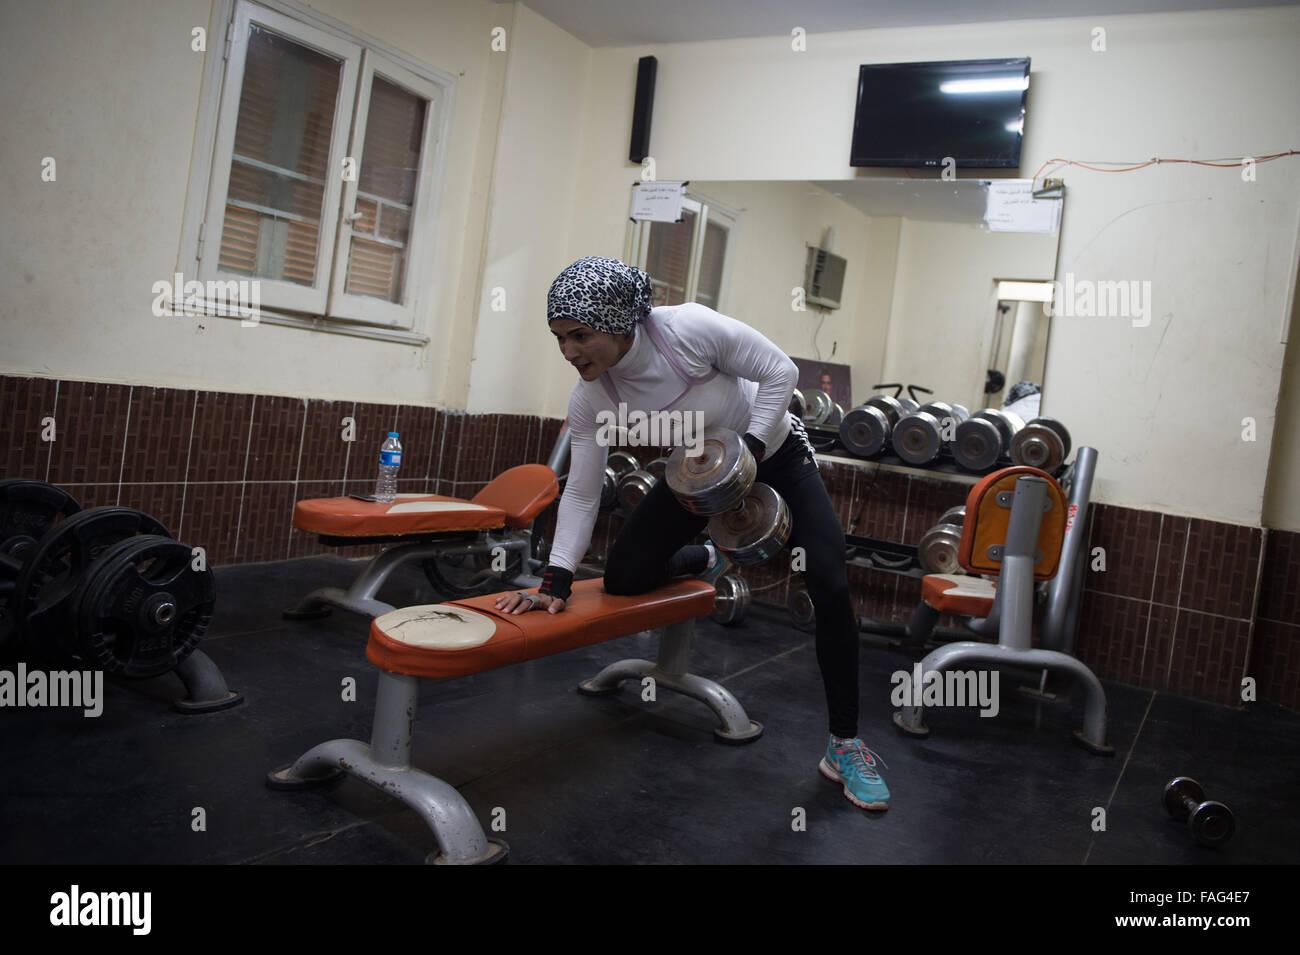 (151230) -- EL CAIRO, 30 de diciembre, 2015 (Xinhua) -- Kholoud Essam se ejercita en el Gimnasio de musculación Imagen De Stock